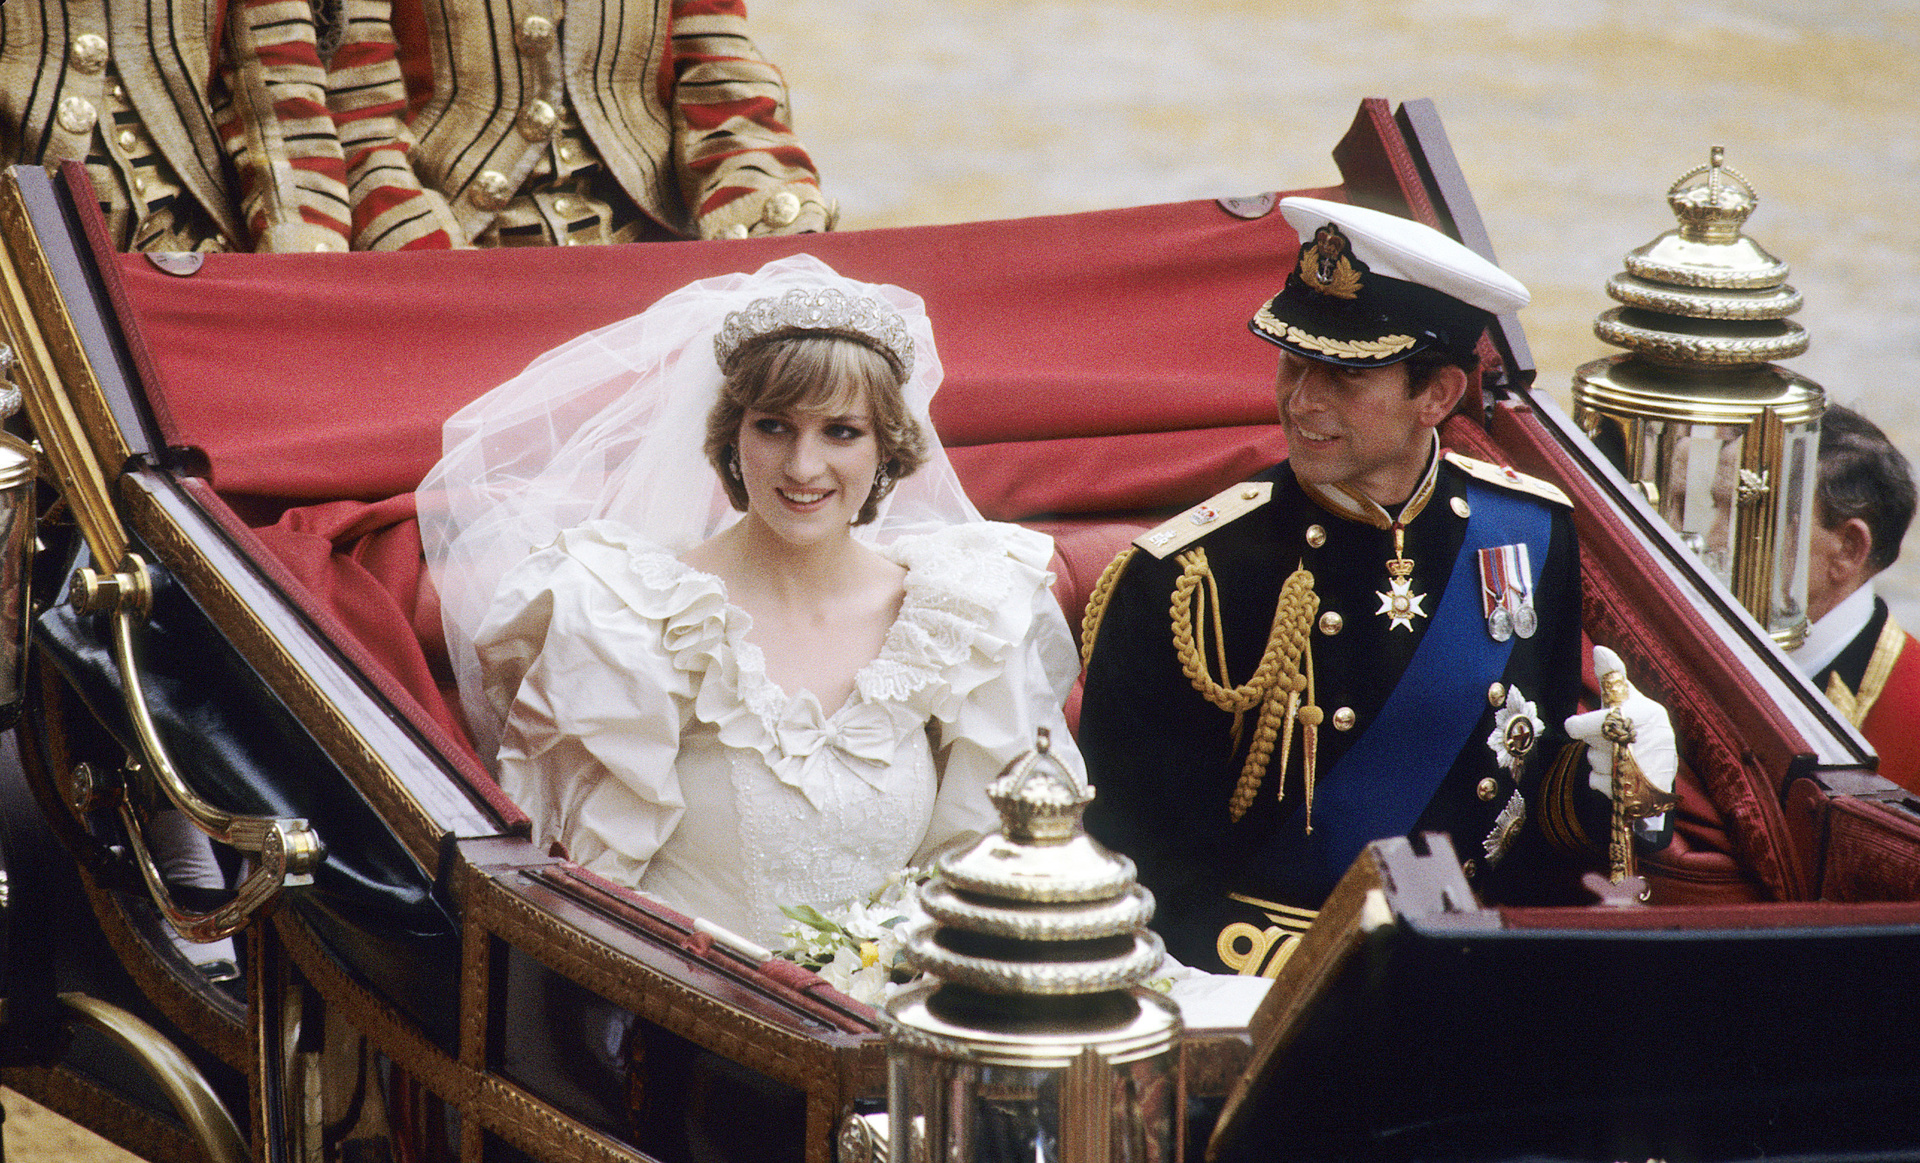 Als Diana 1981 Prinz Charles heiratet, ahnt sie, dass er eine andere liebt. Es ist ein Geheimnis mit großer Sprengkraft für die Monarchie.  ©ZDF/Hussein, Anwar